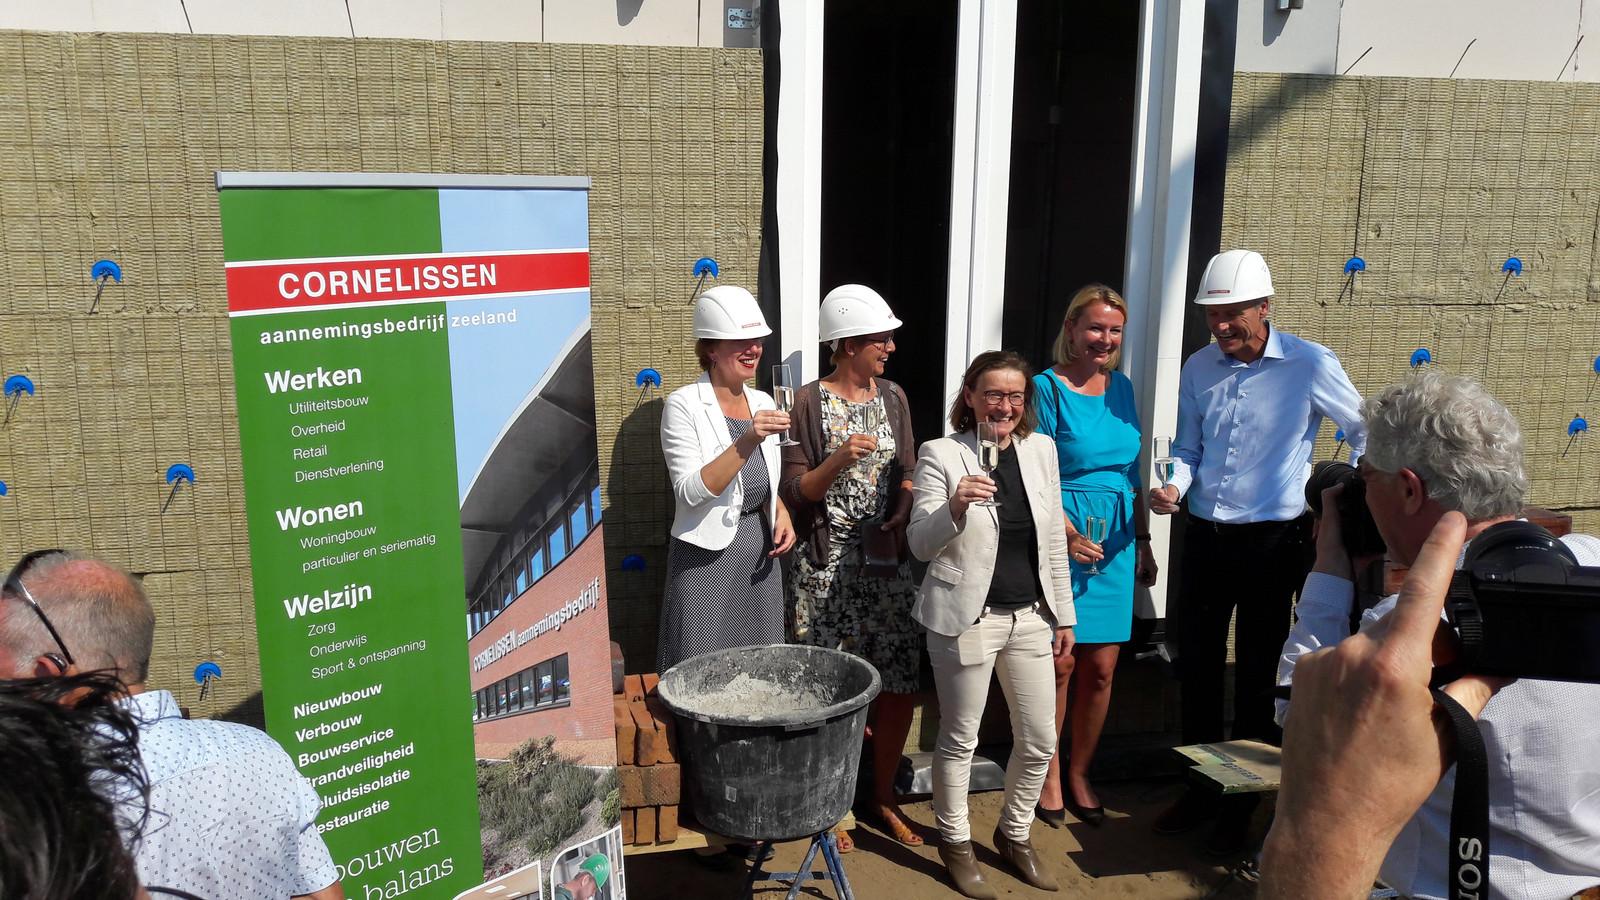 Wethouder Margo Mulder, Geke Haasjes, Clasien Schakenraad, Annemieke Bambach en Evert de Groot heffen het glas bij het Gastenhuis in aanbouw.